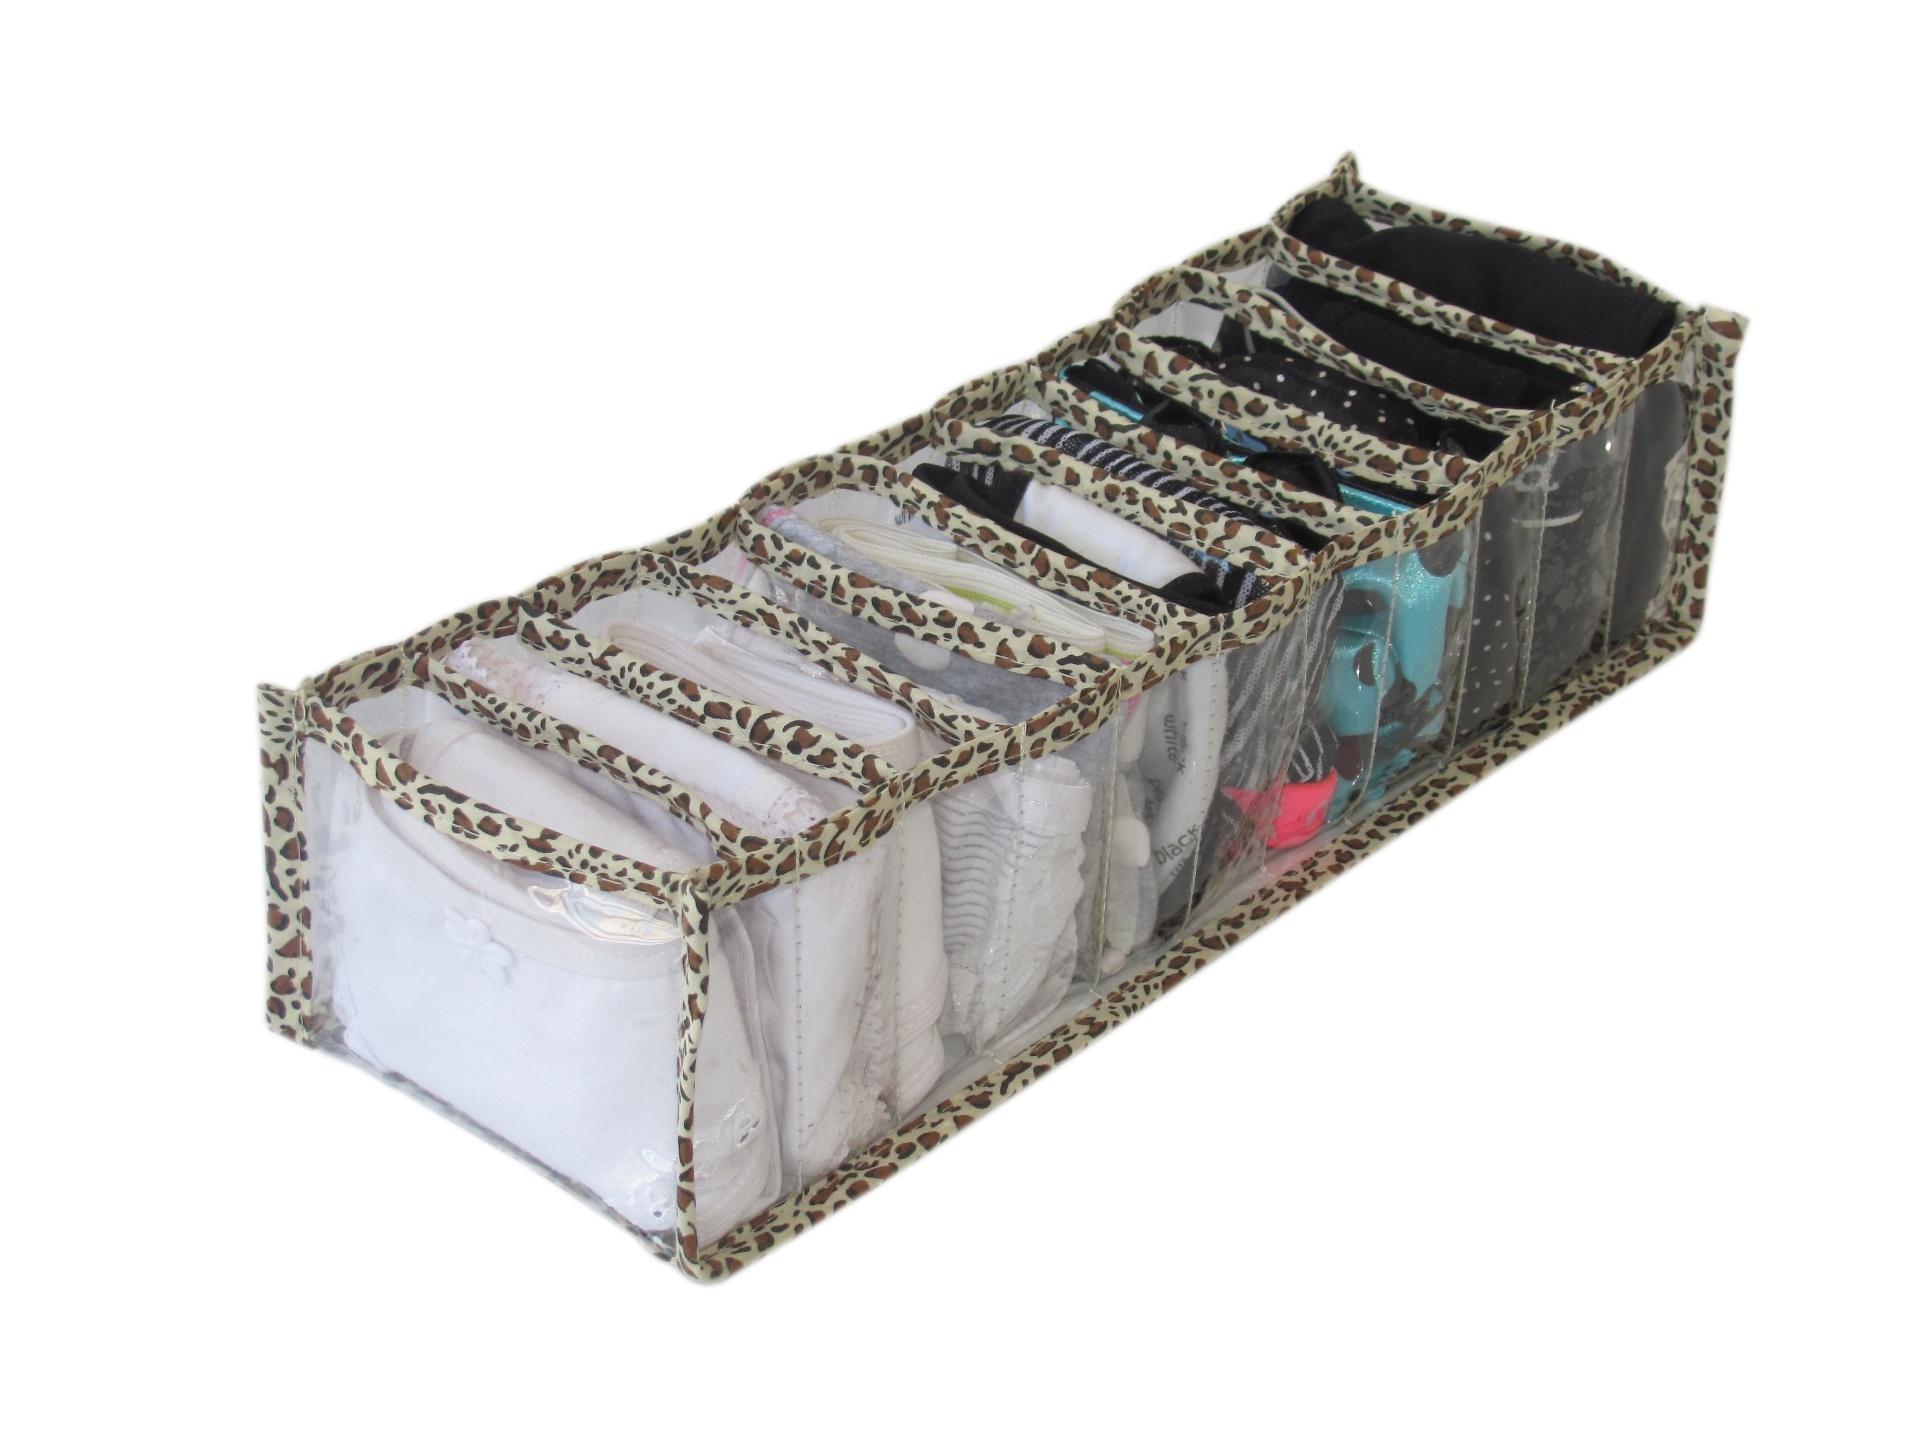 O kit com dois organizadores de gavetas e dois sachês perfumados da Anasuil pode ser comprado no ShopLuxo (www.shopluxo.com.br) por R$ 77,50 I Preços pesquisados em julho de 2014 e sujeitos a alterações